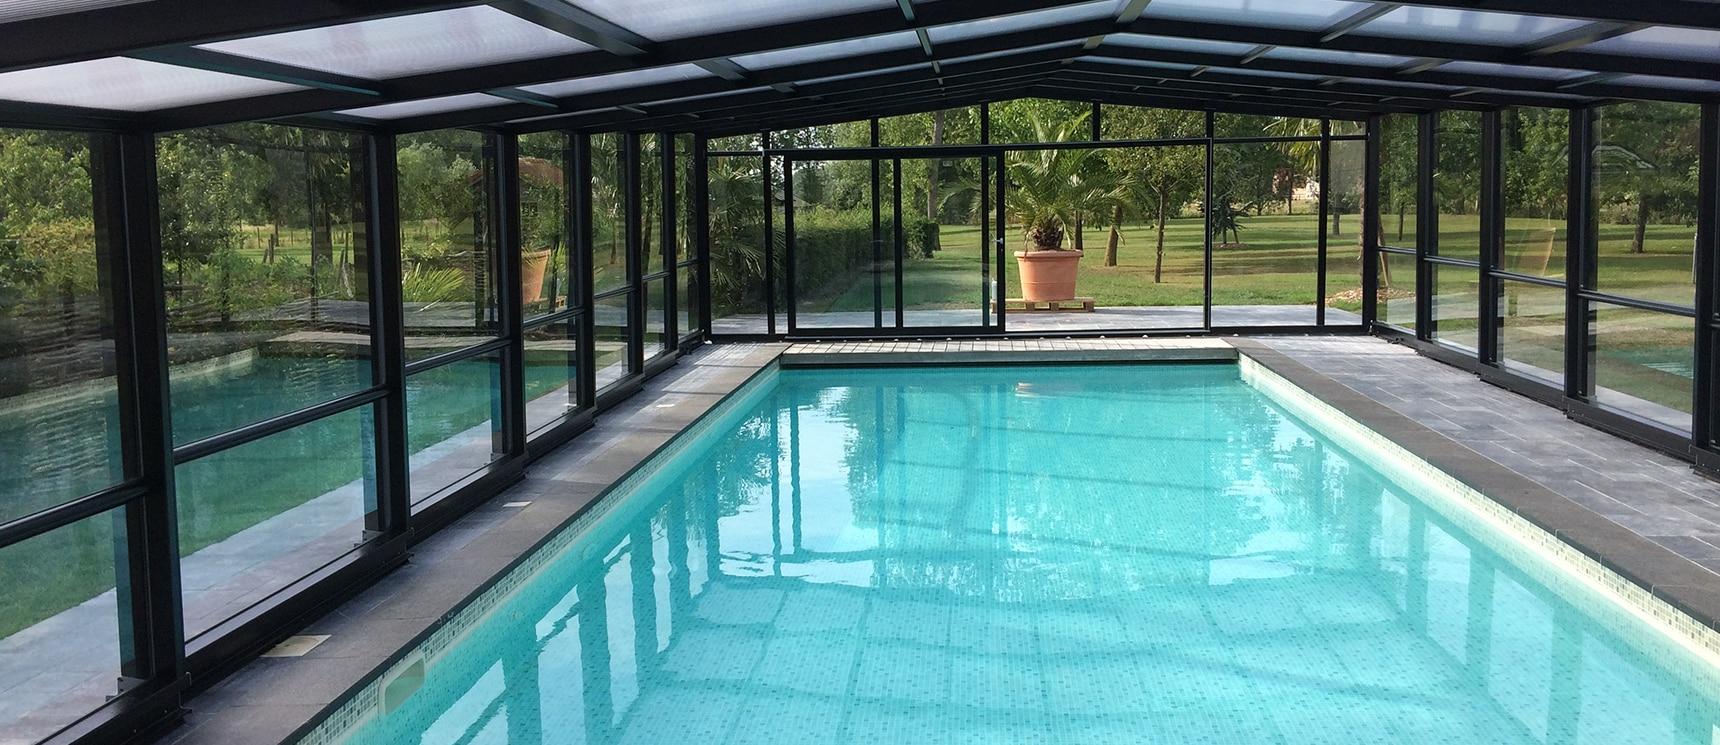 Maestro High Level Pool Enclosure - Telescopic High Level ... pour Piscine Epdm